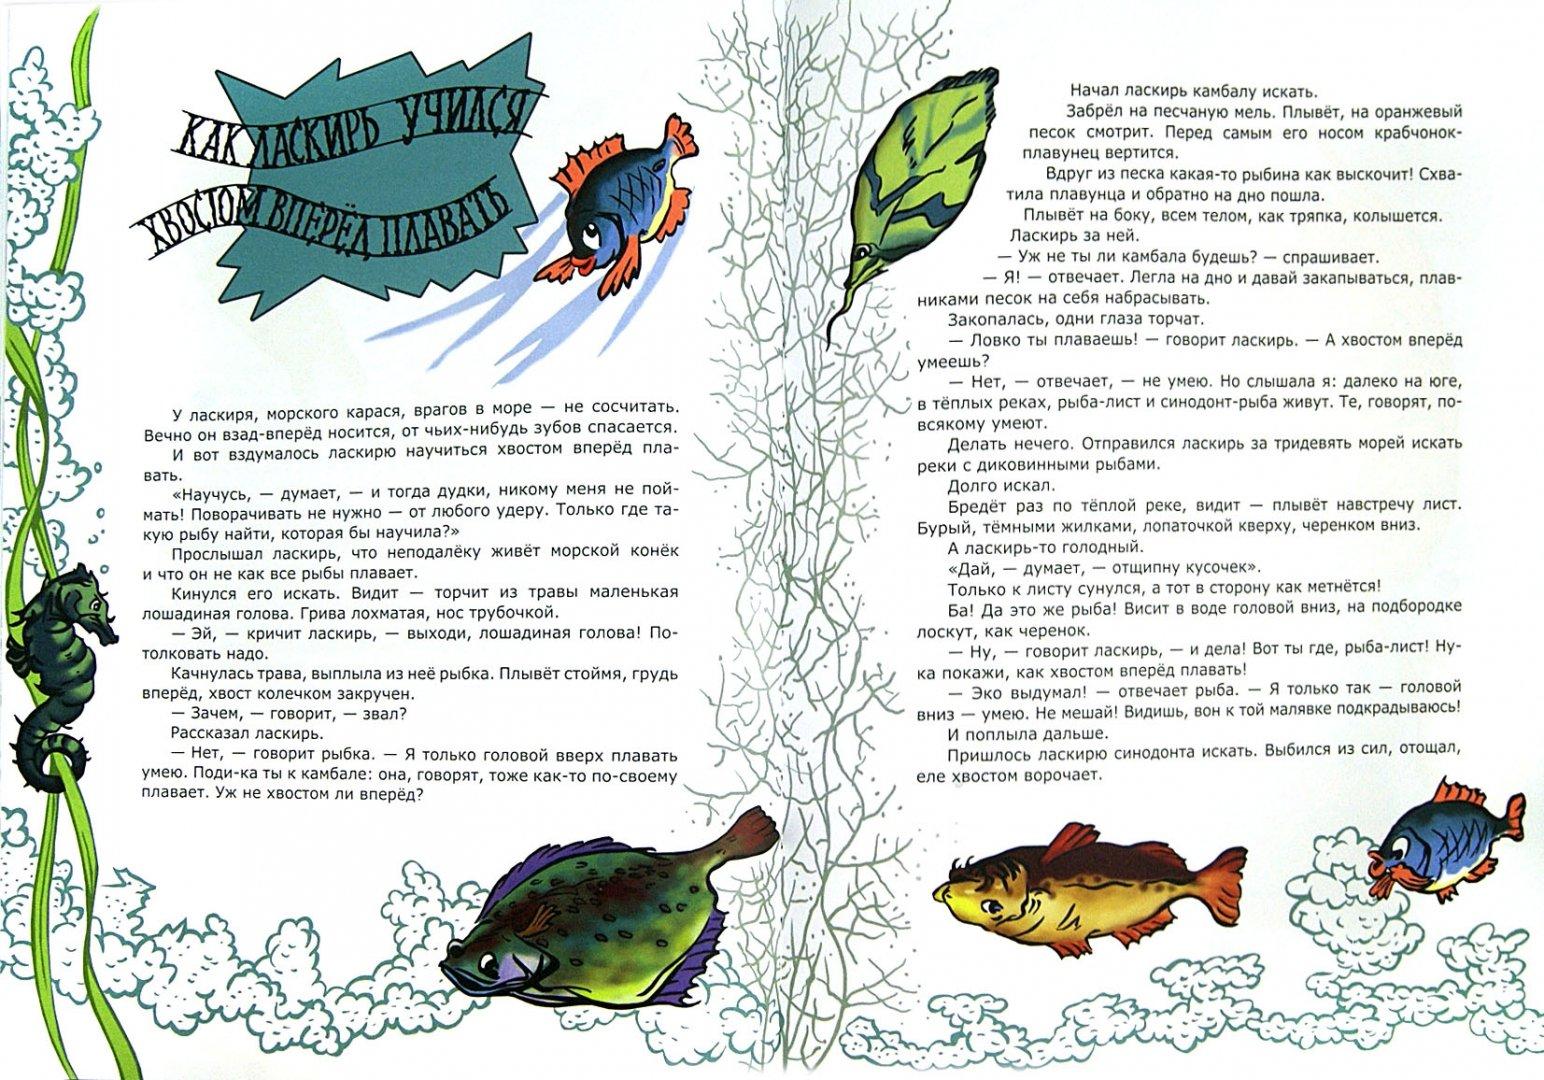 Иллюстрация 1 из 51 для Морские сказки - Святослав Сахарнов   Лабиринт - книги. Источник: Лабиринт